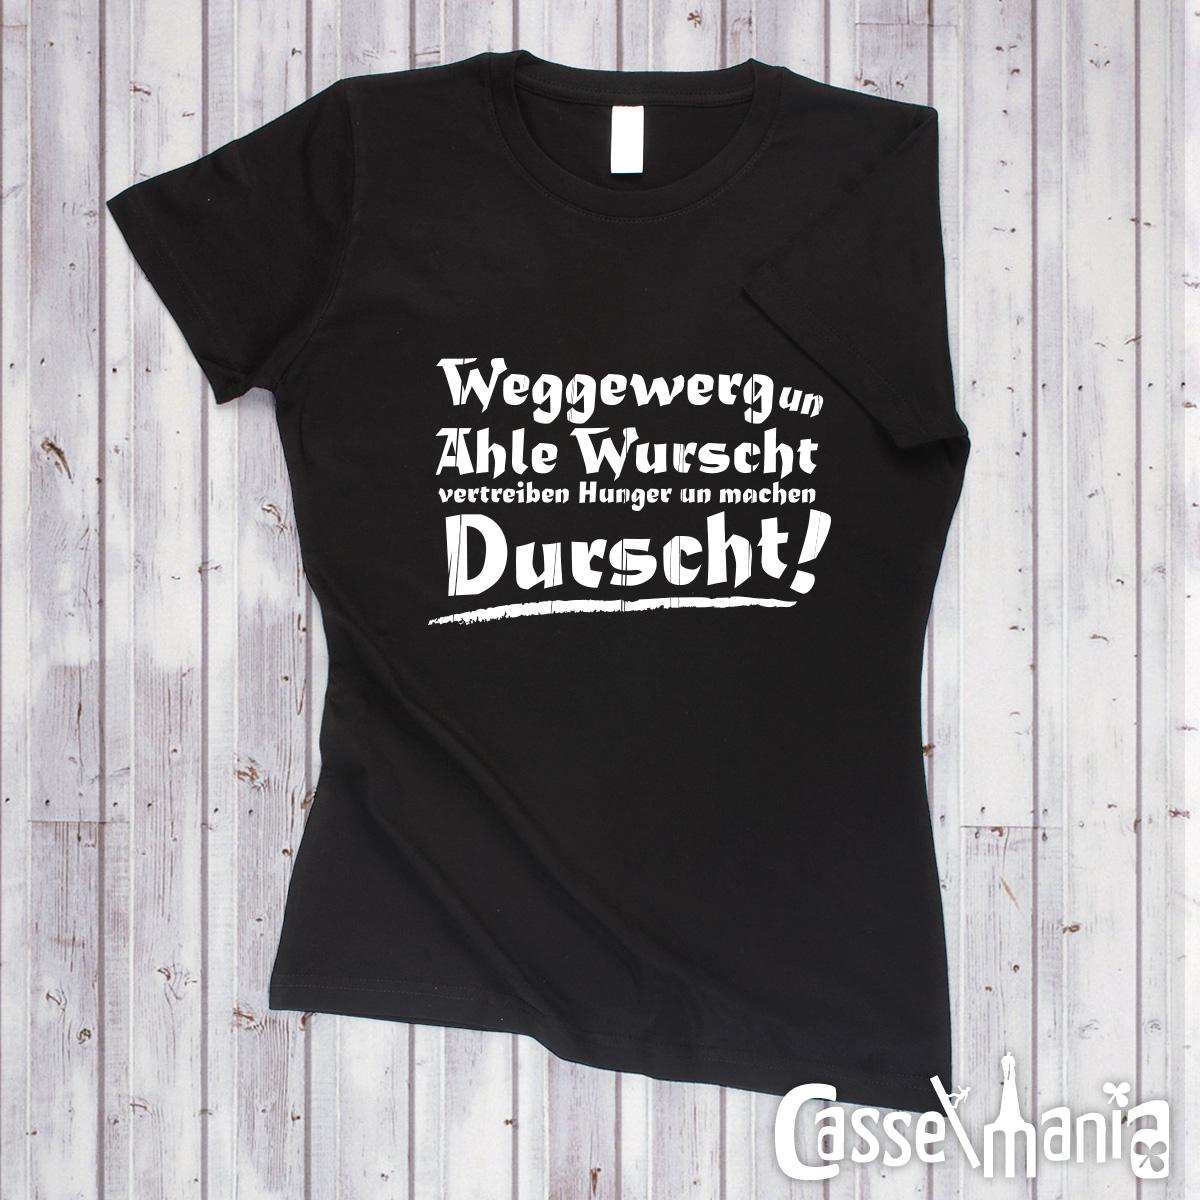 Weggewerg un Ahle Wurscht - Women